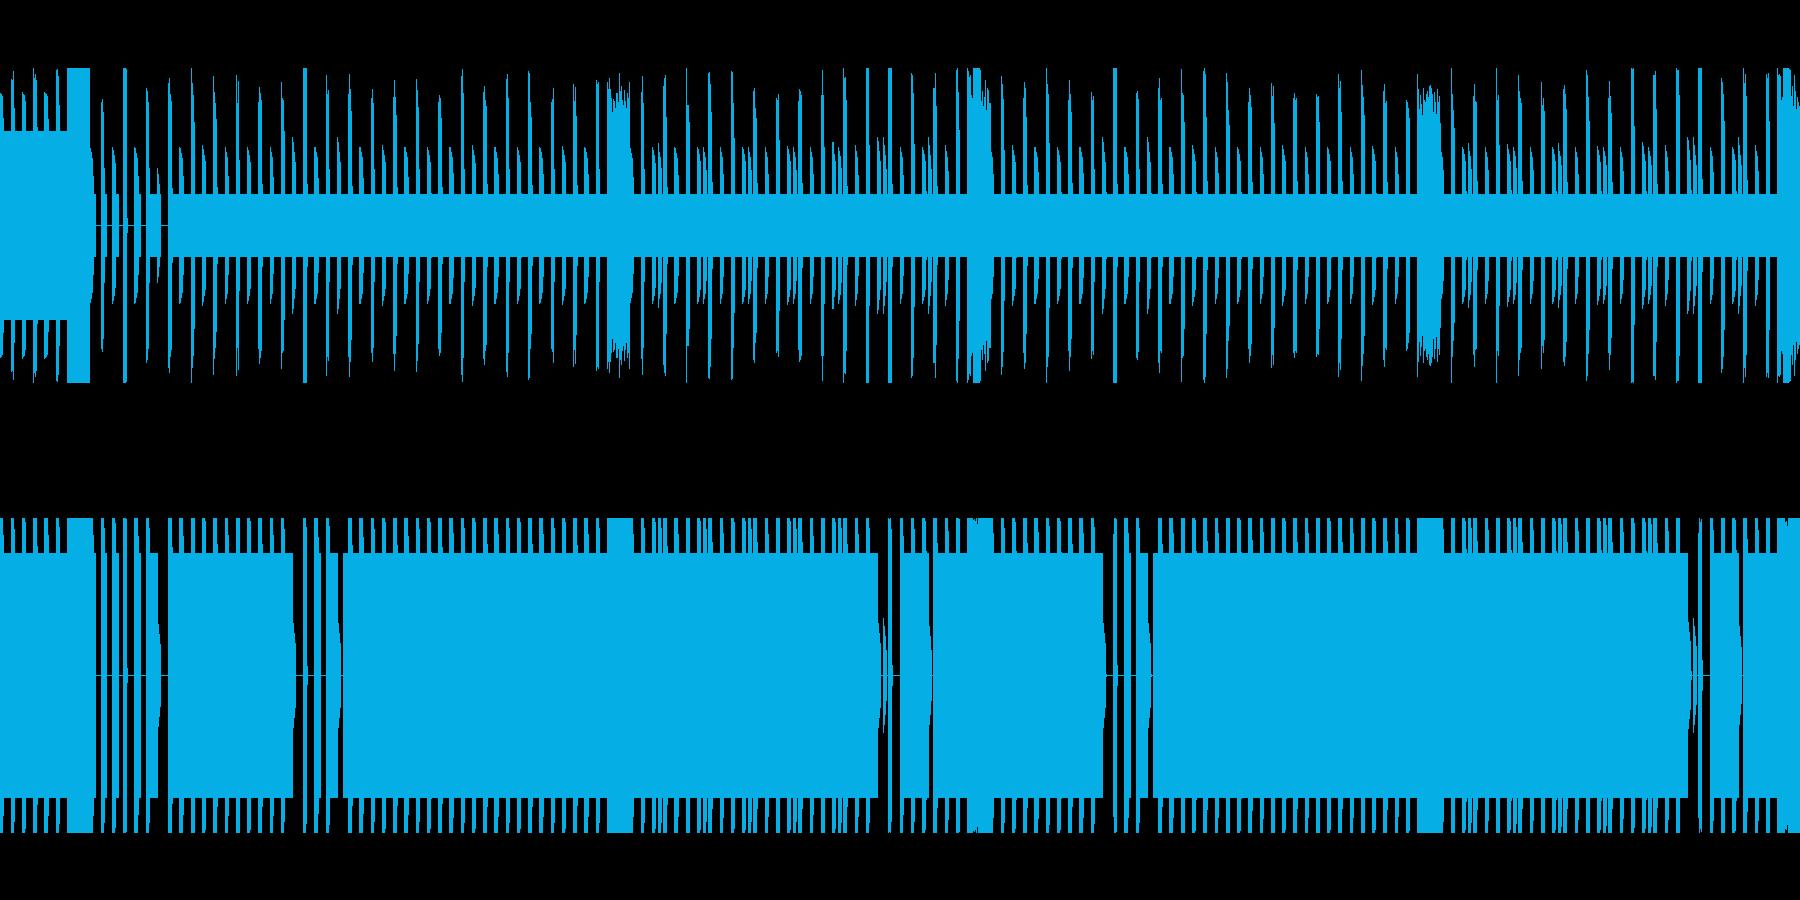 戦闘の場面での使用をイメージしてます。の再生済みの波形